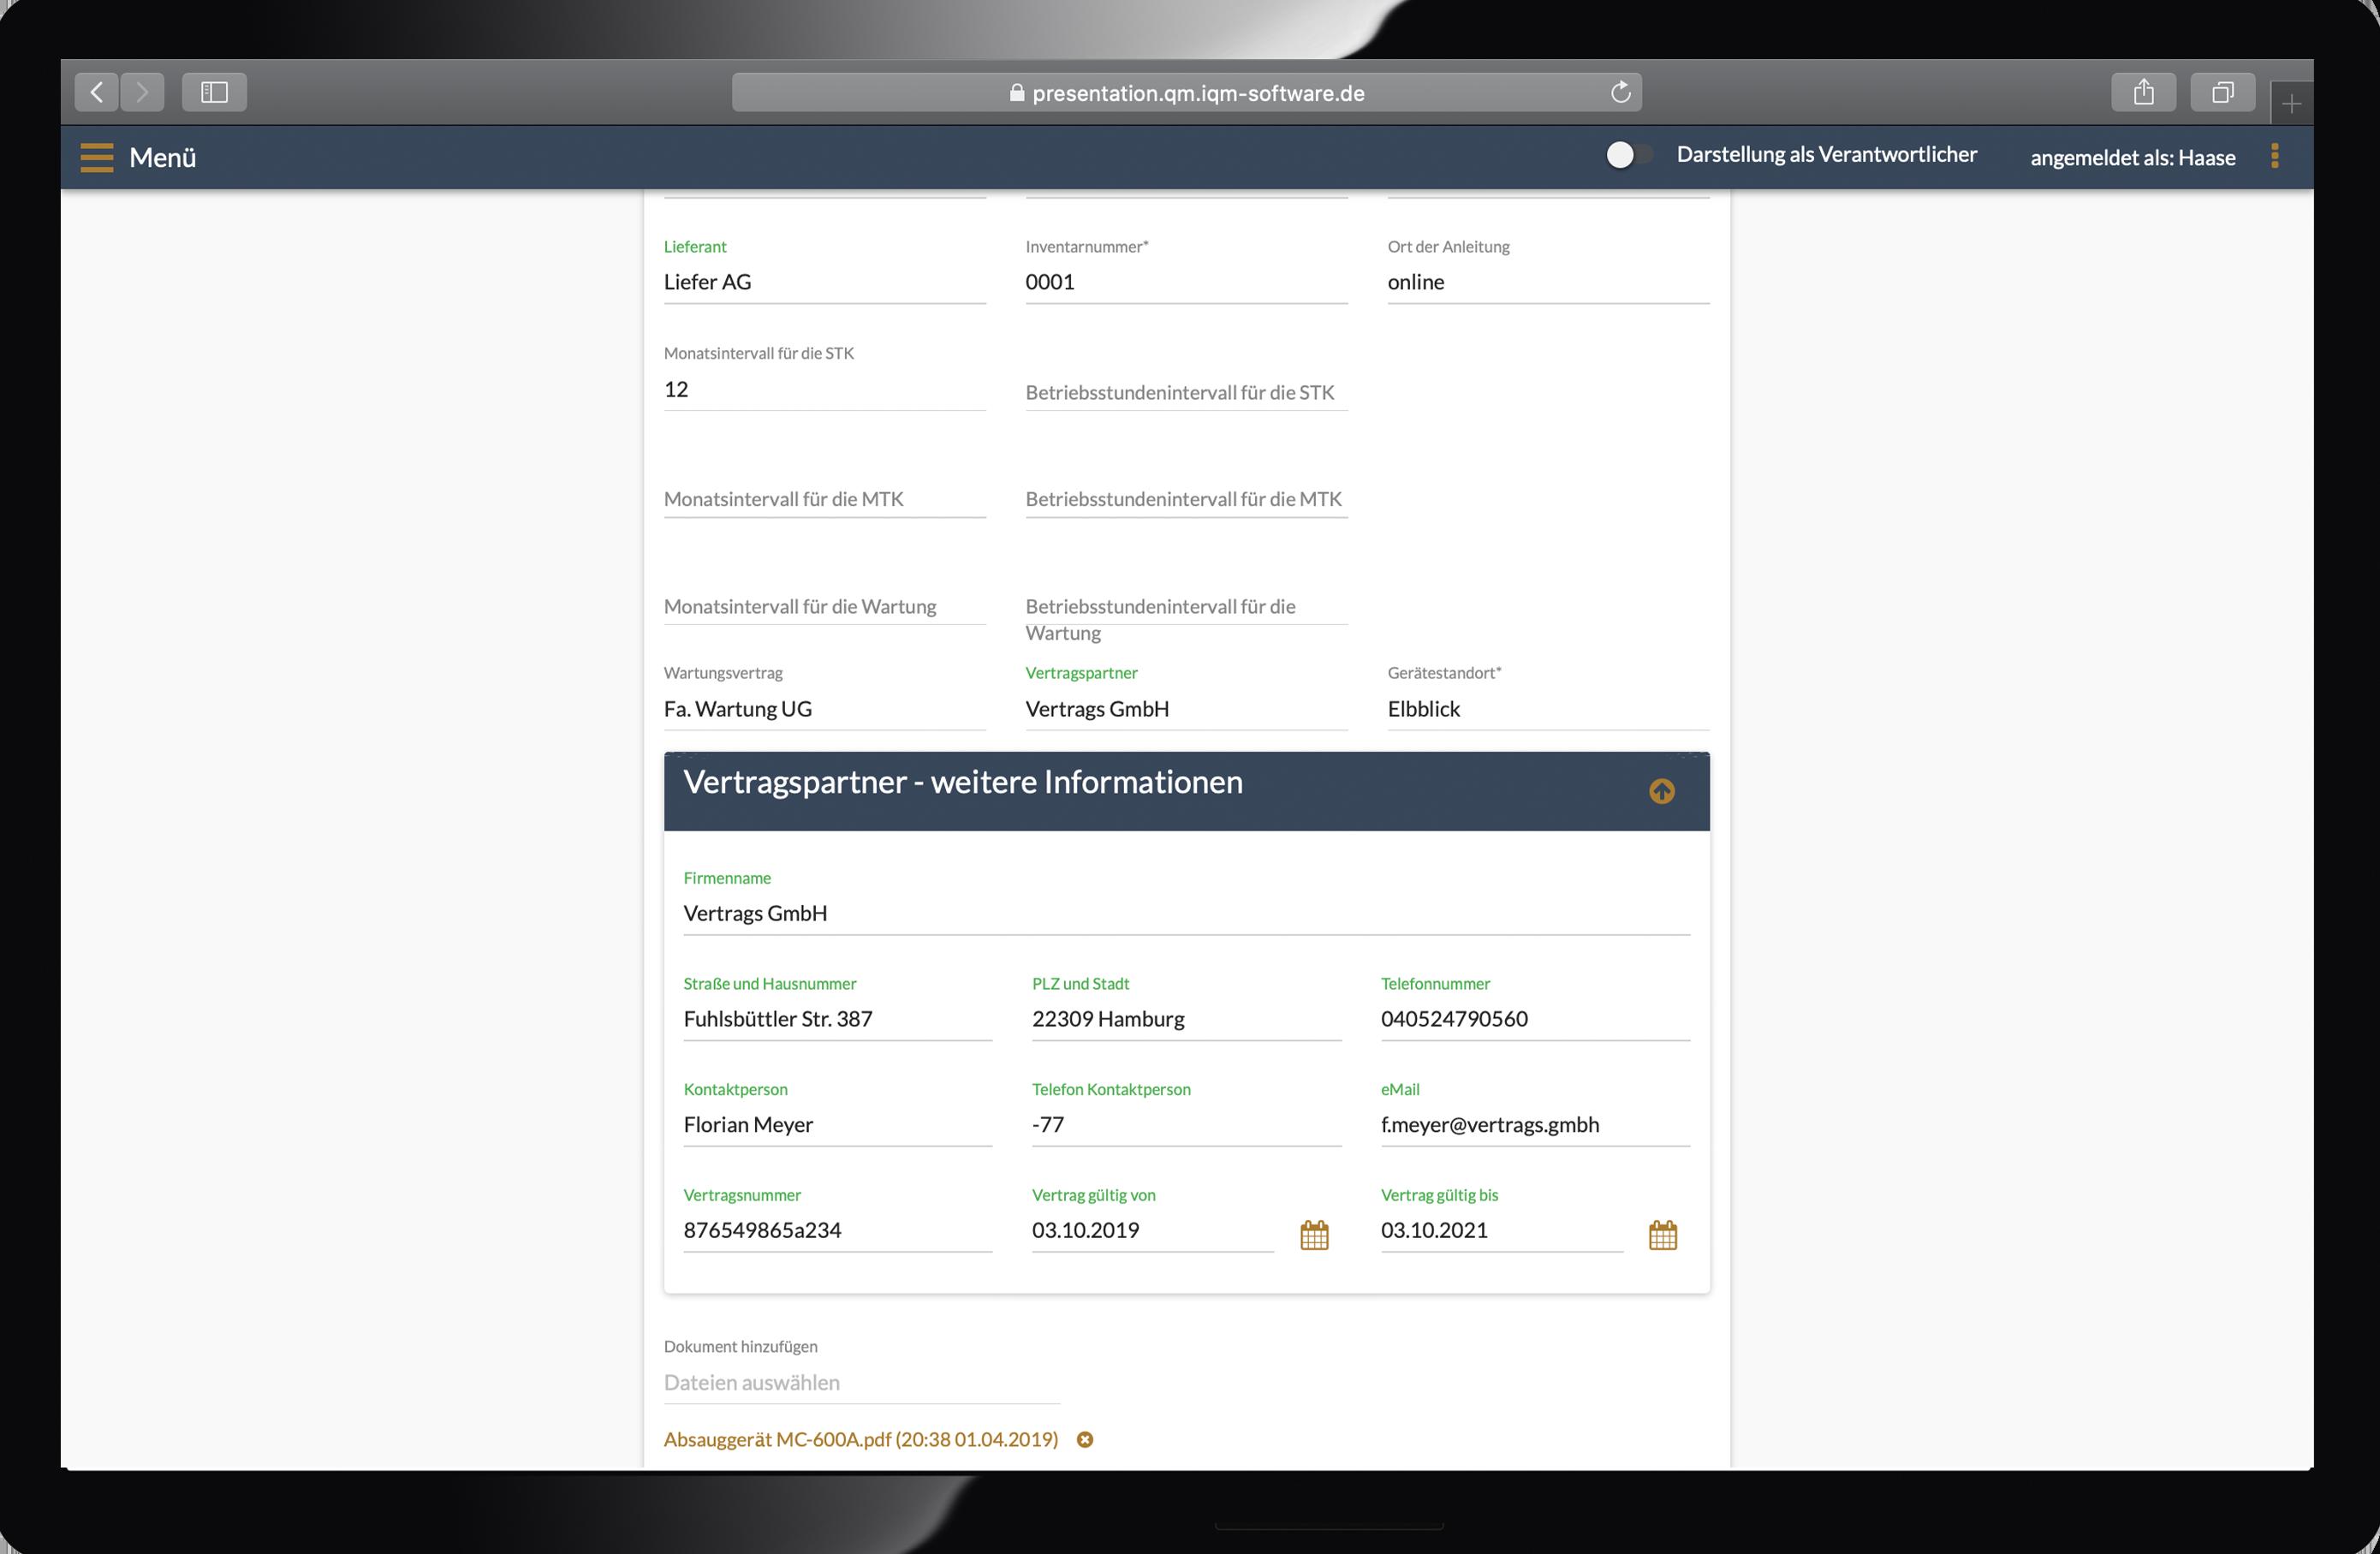 Modul_Geräte_Co_Informationen-Med.Gerät